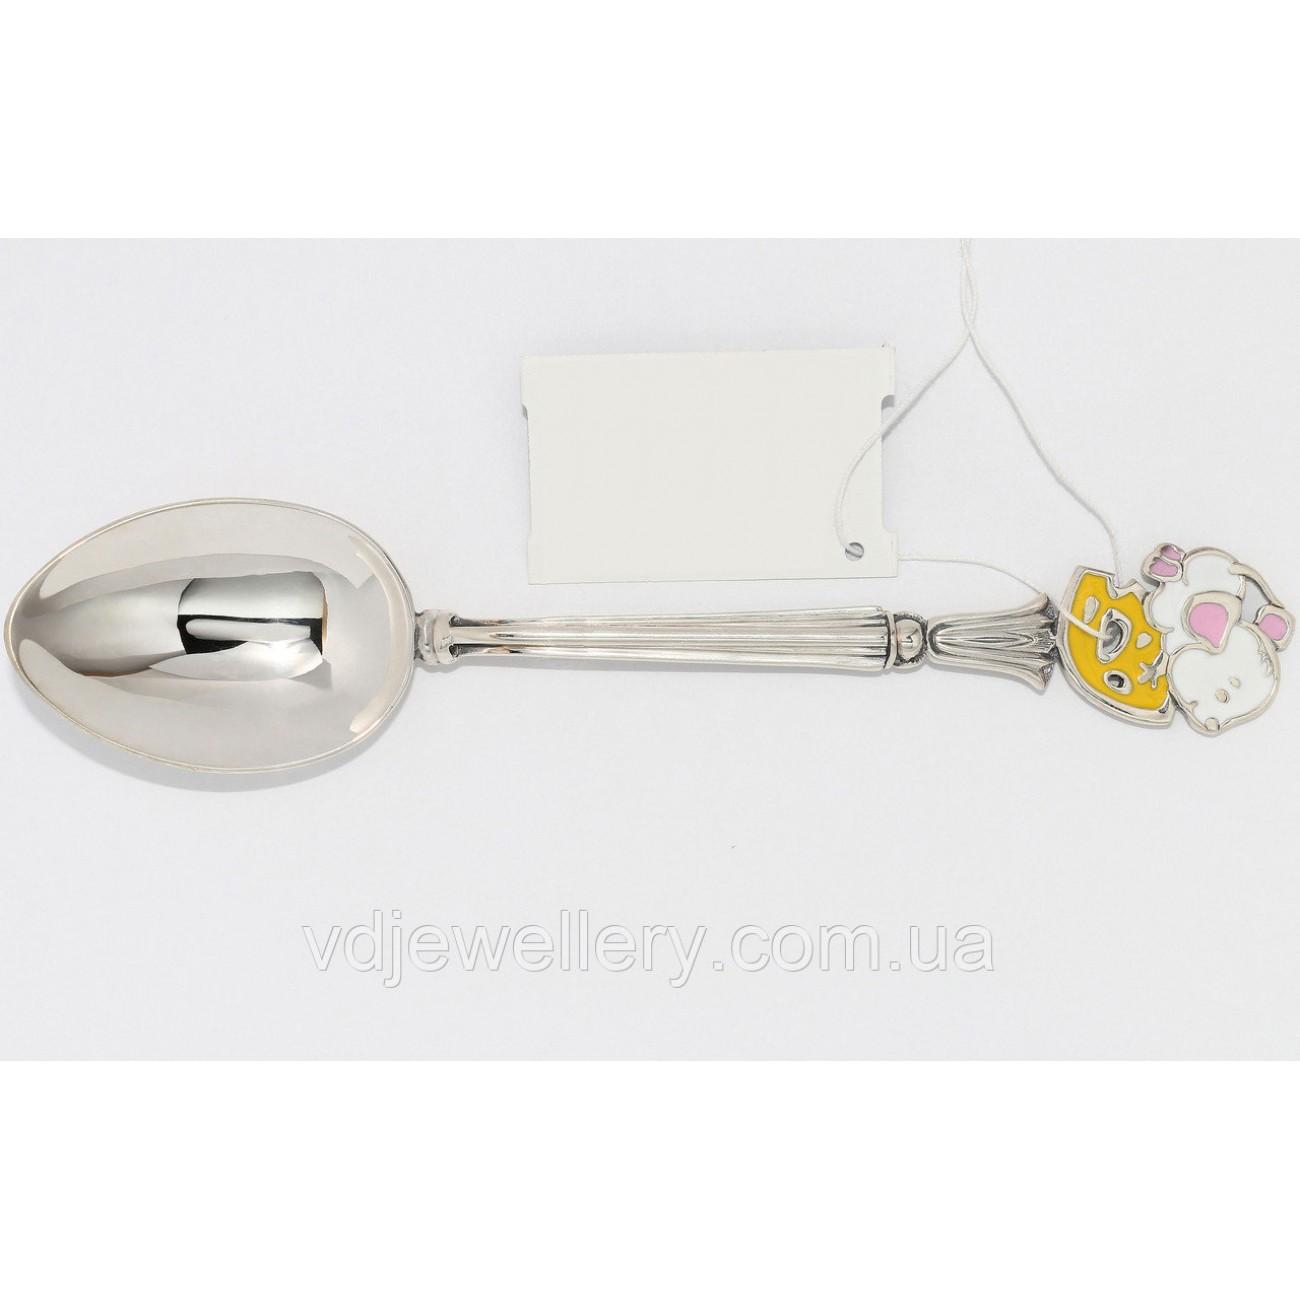 Детская серебряная ложка с мышкой